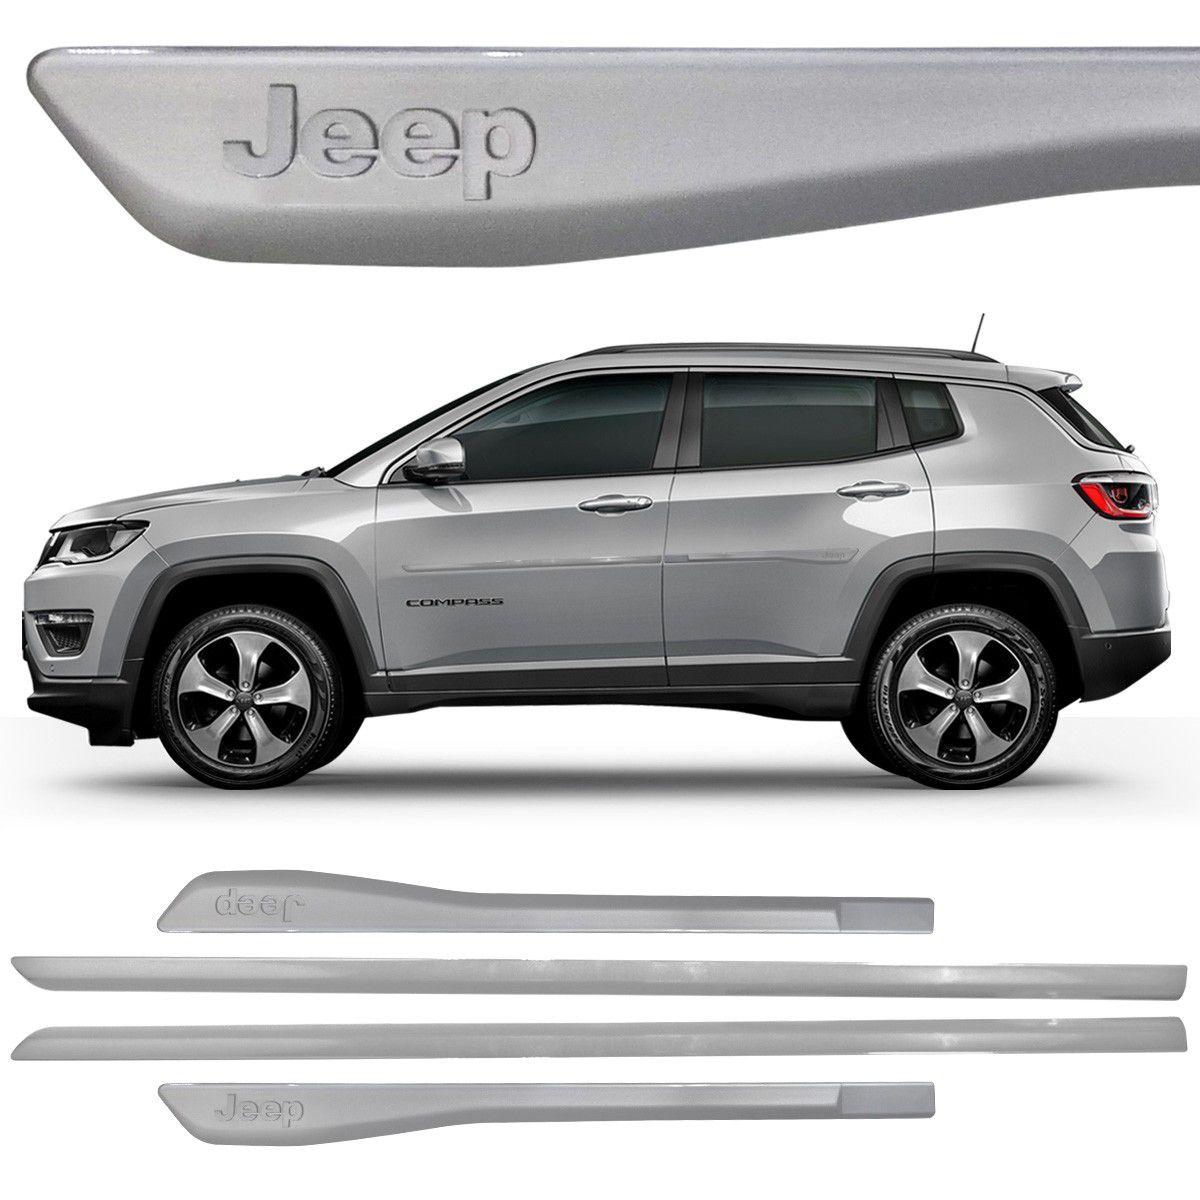 Jogo Friso Lateral Jeep Compass - Modelo Original - Preto - Branco - Cinca - PRODUTO INSTALADO